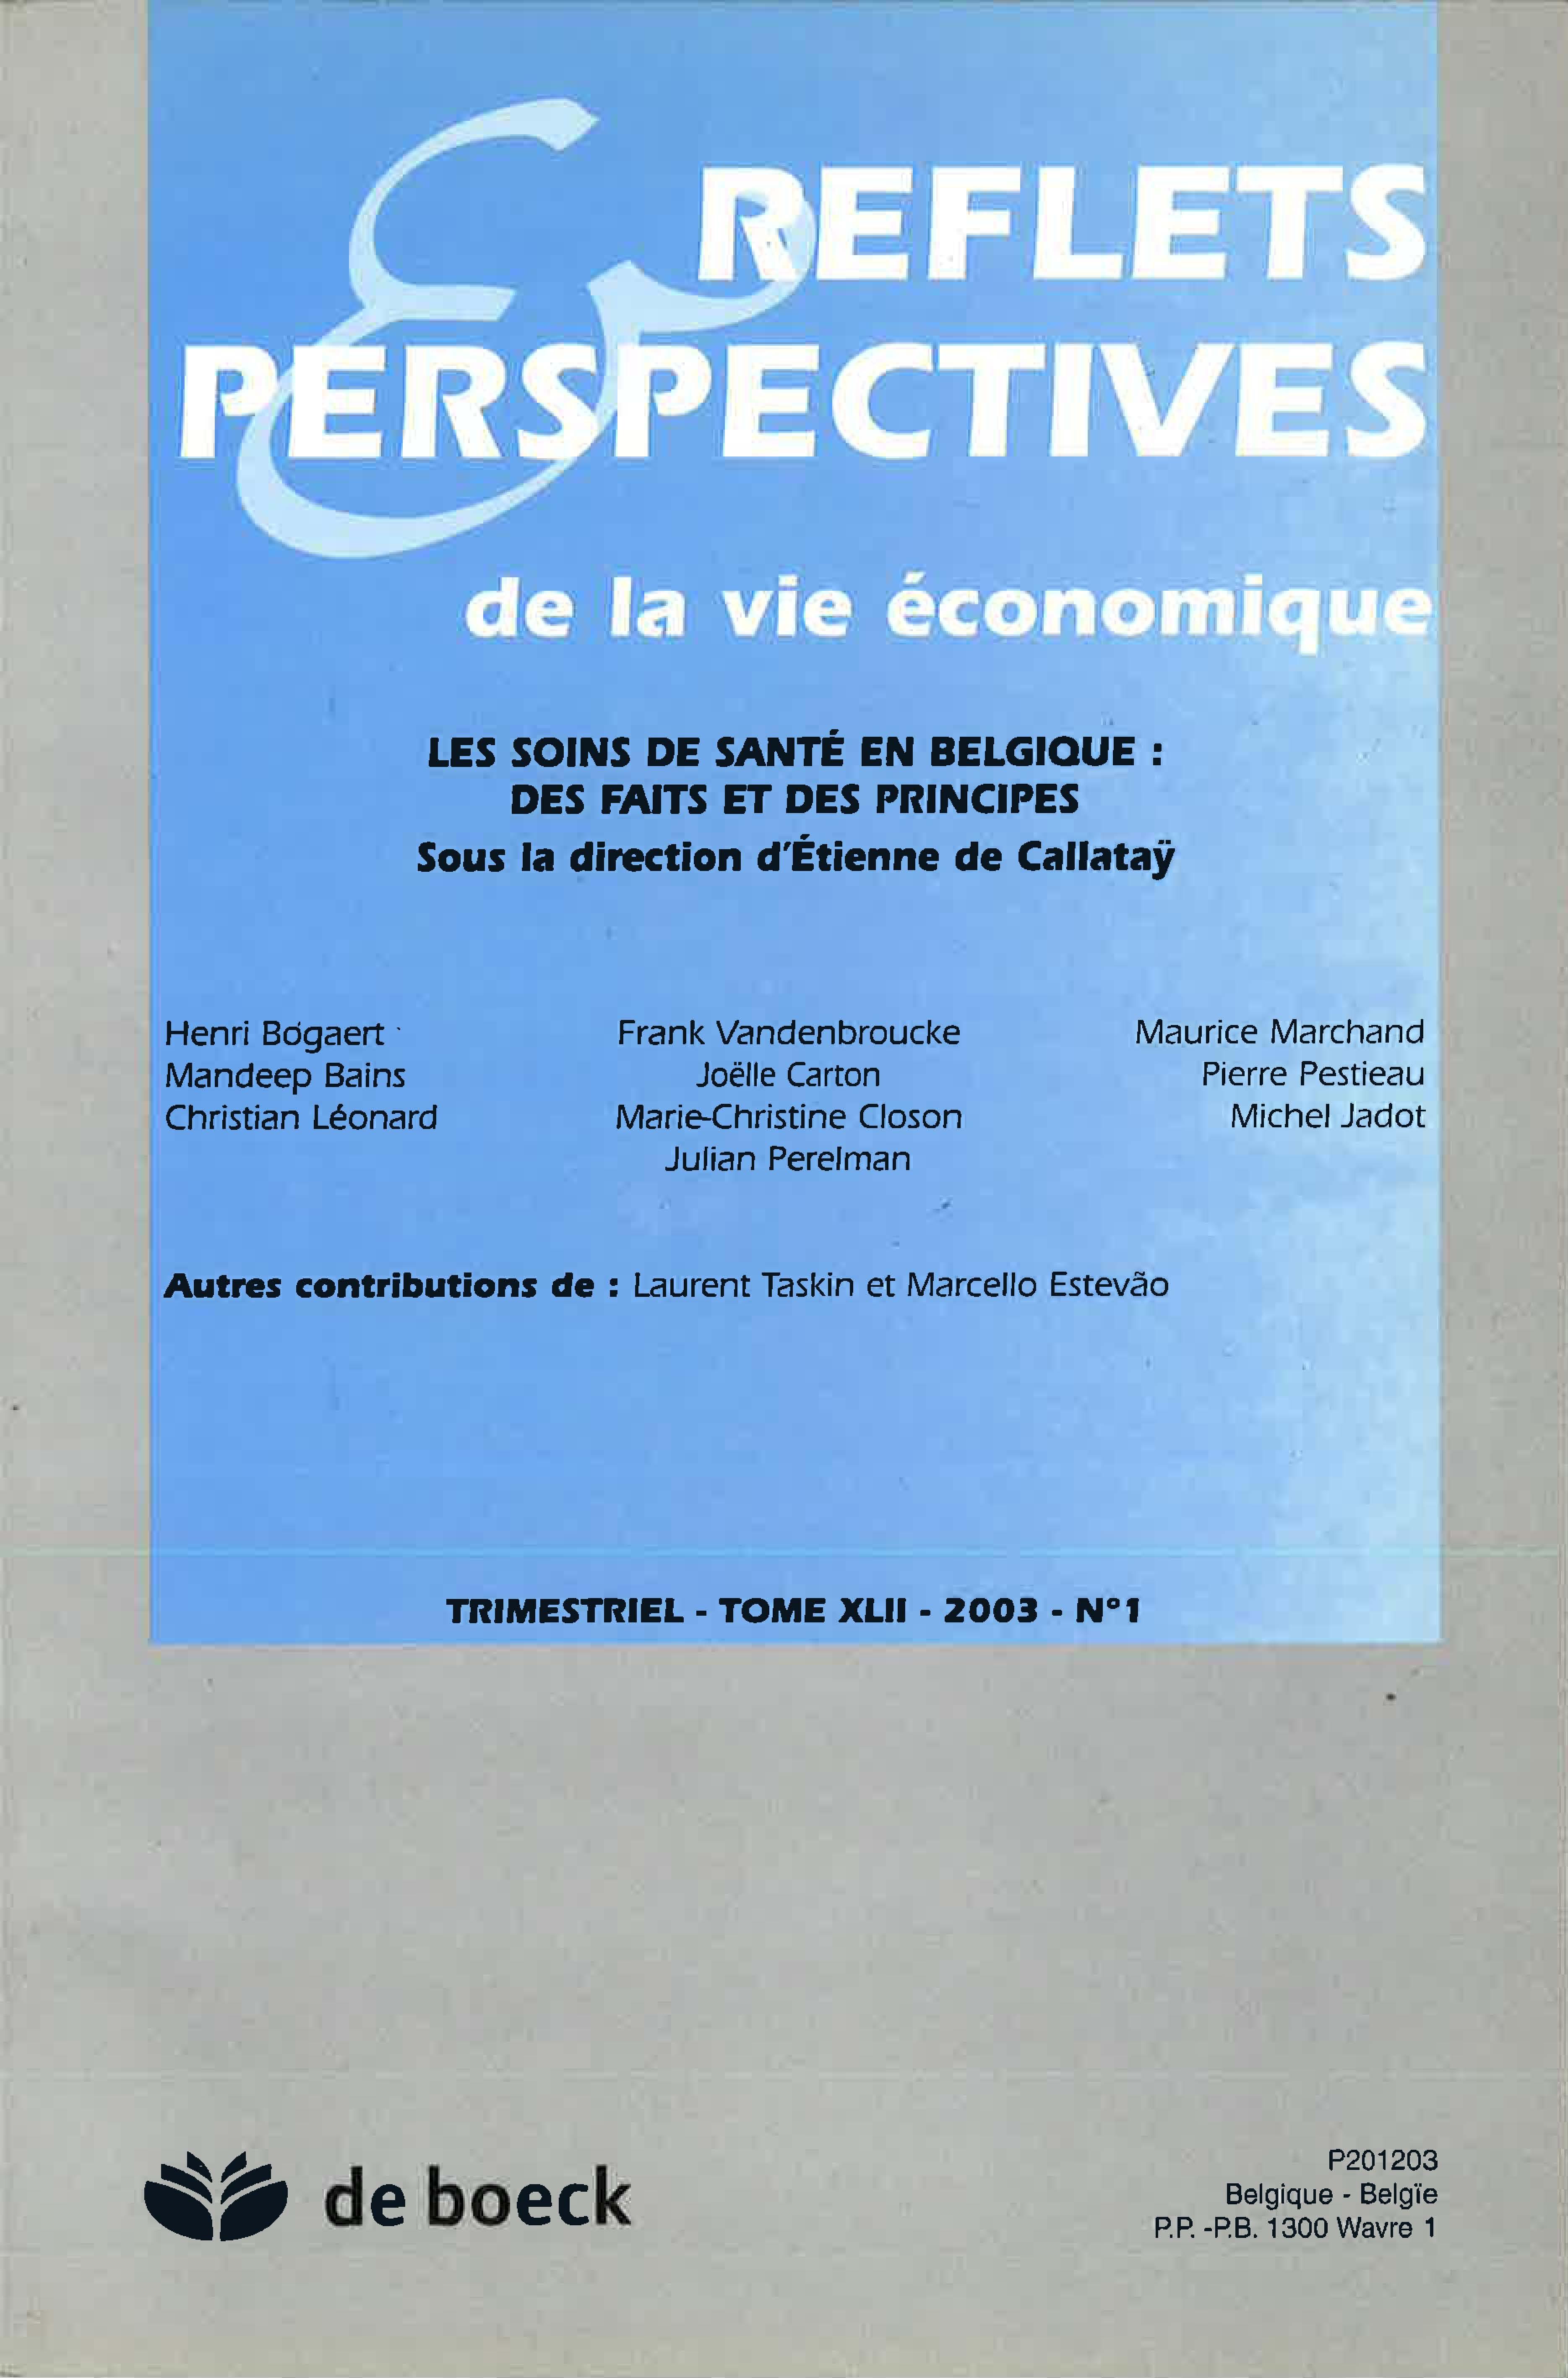 Regional Labor Market Disparities in Belgium | Cairn info